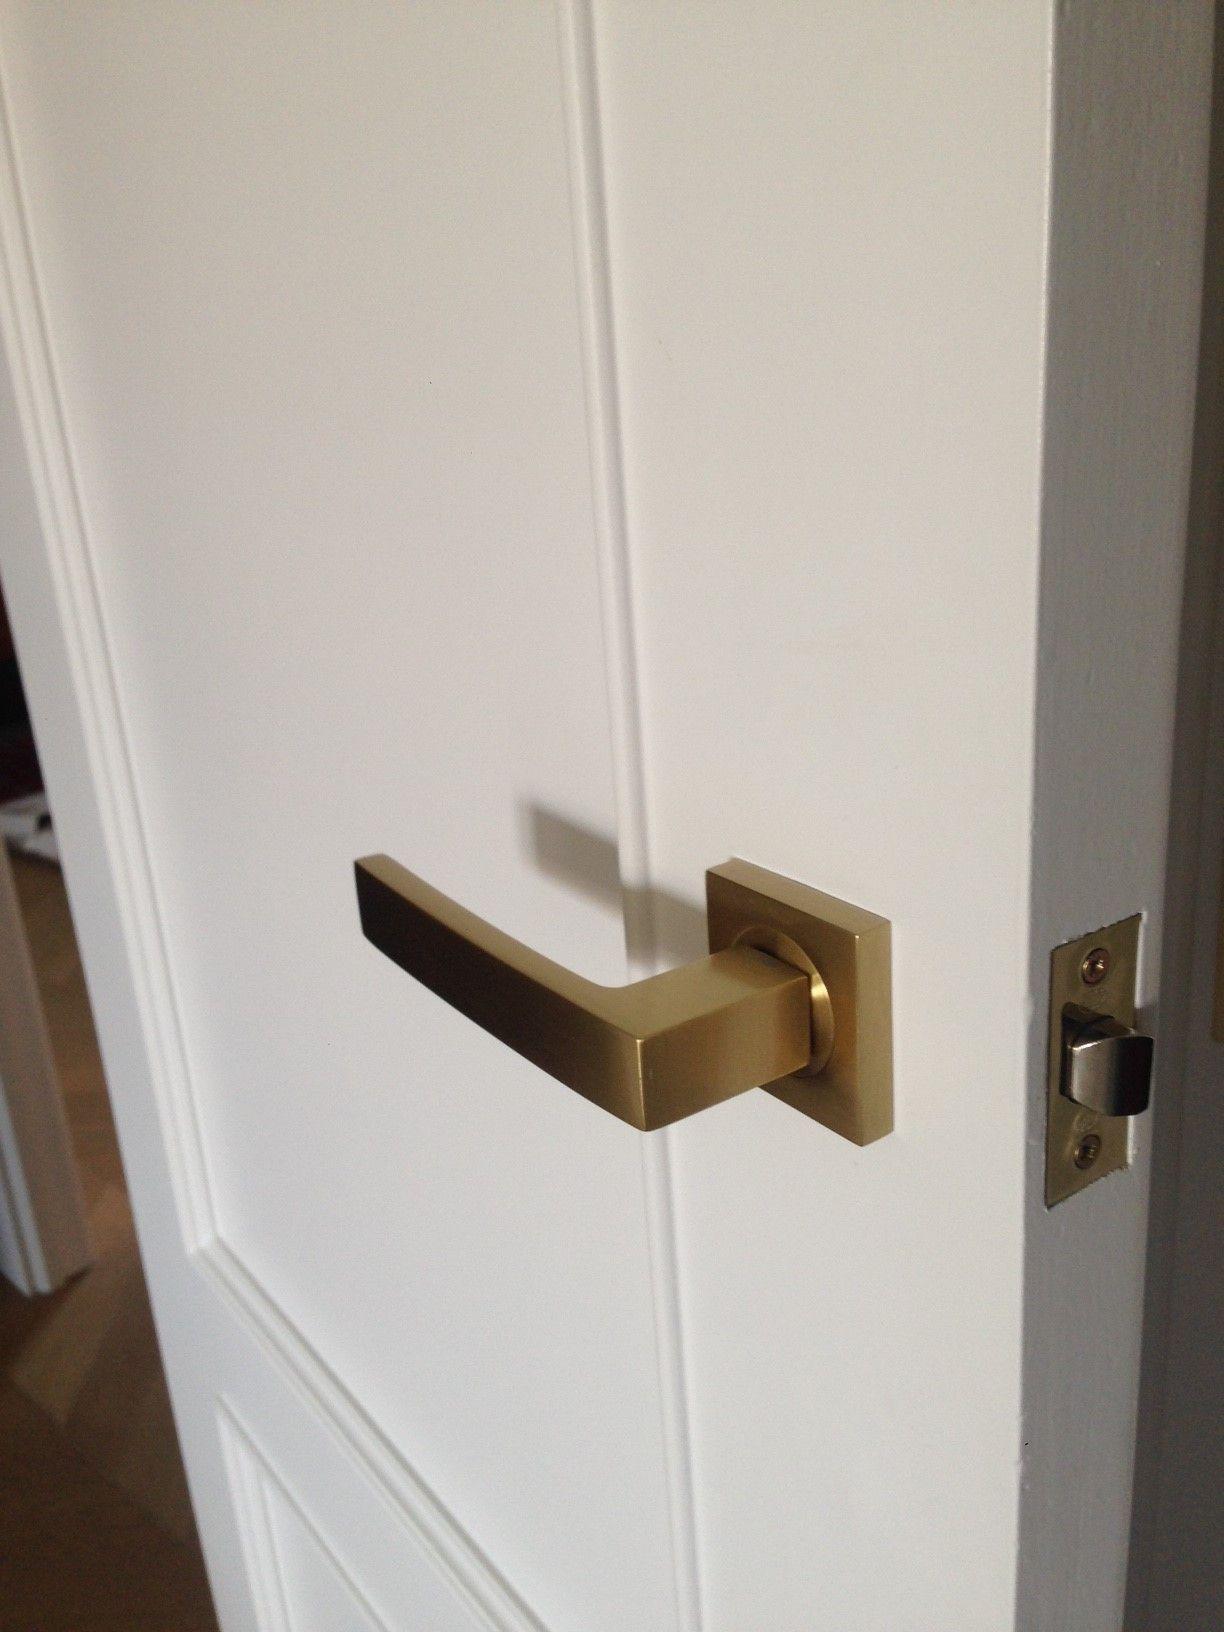 Juego de manillas angolo en laton mate sobre puerta lacada - Manillas puertas rusticas ...